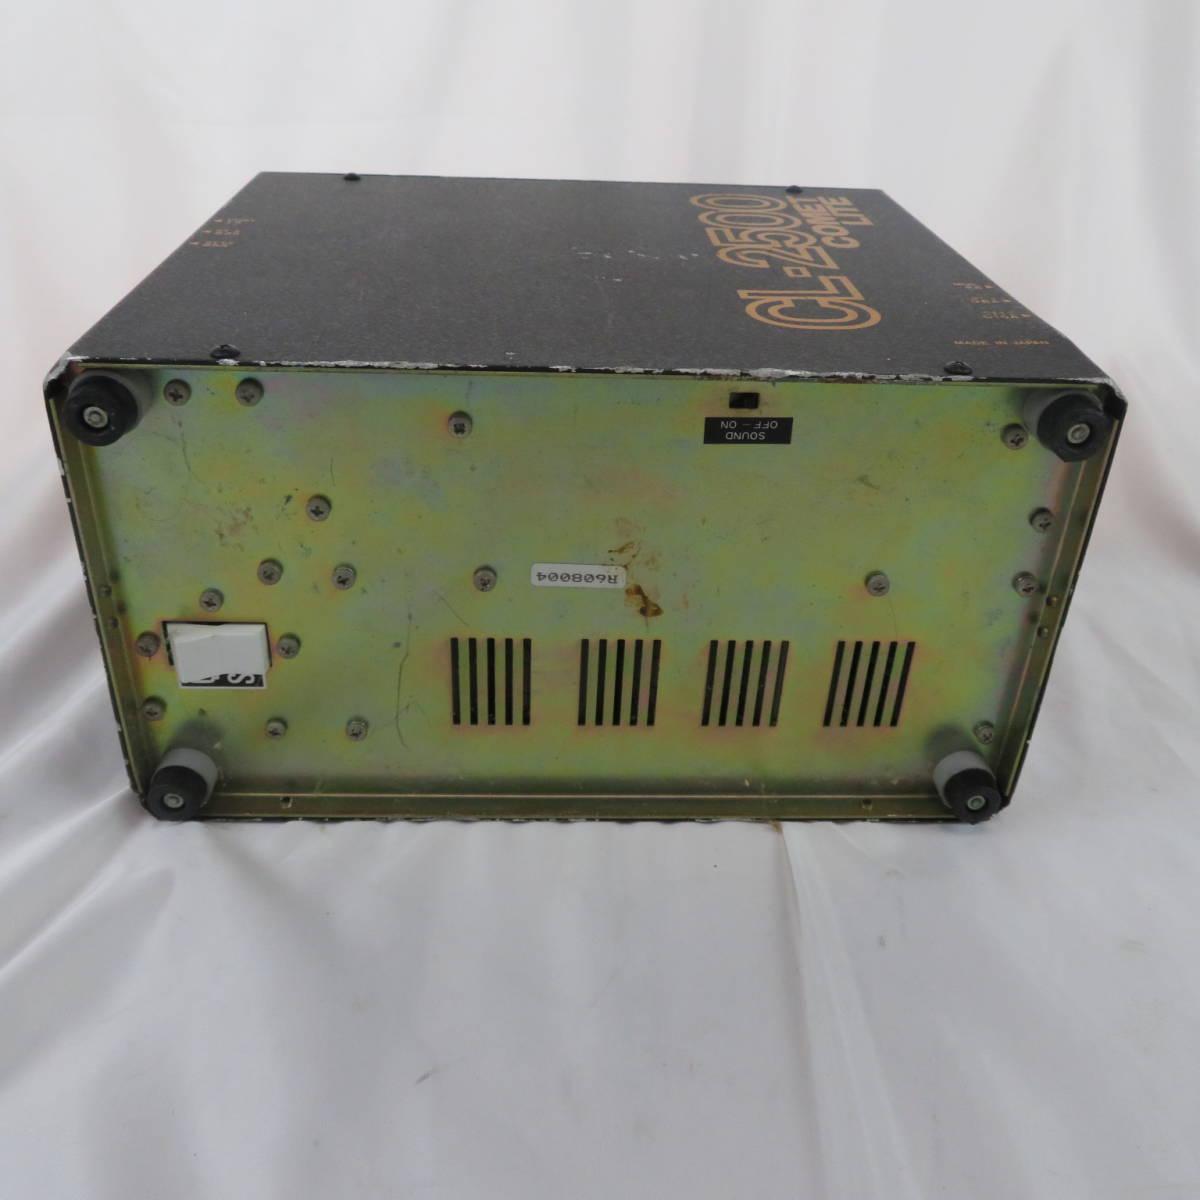 コメット CL-2500 ストロボ 業務用 動作未確認(20-1092)_画像9